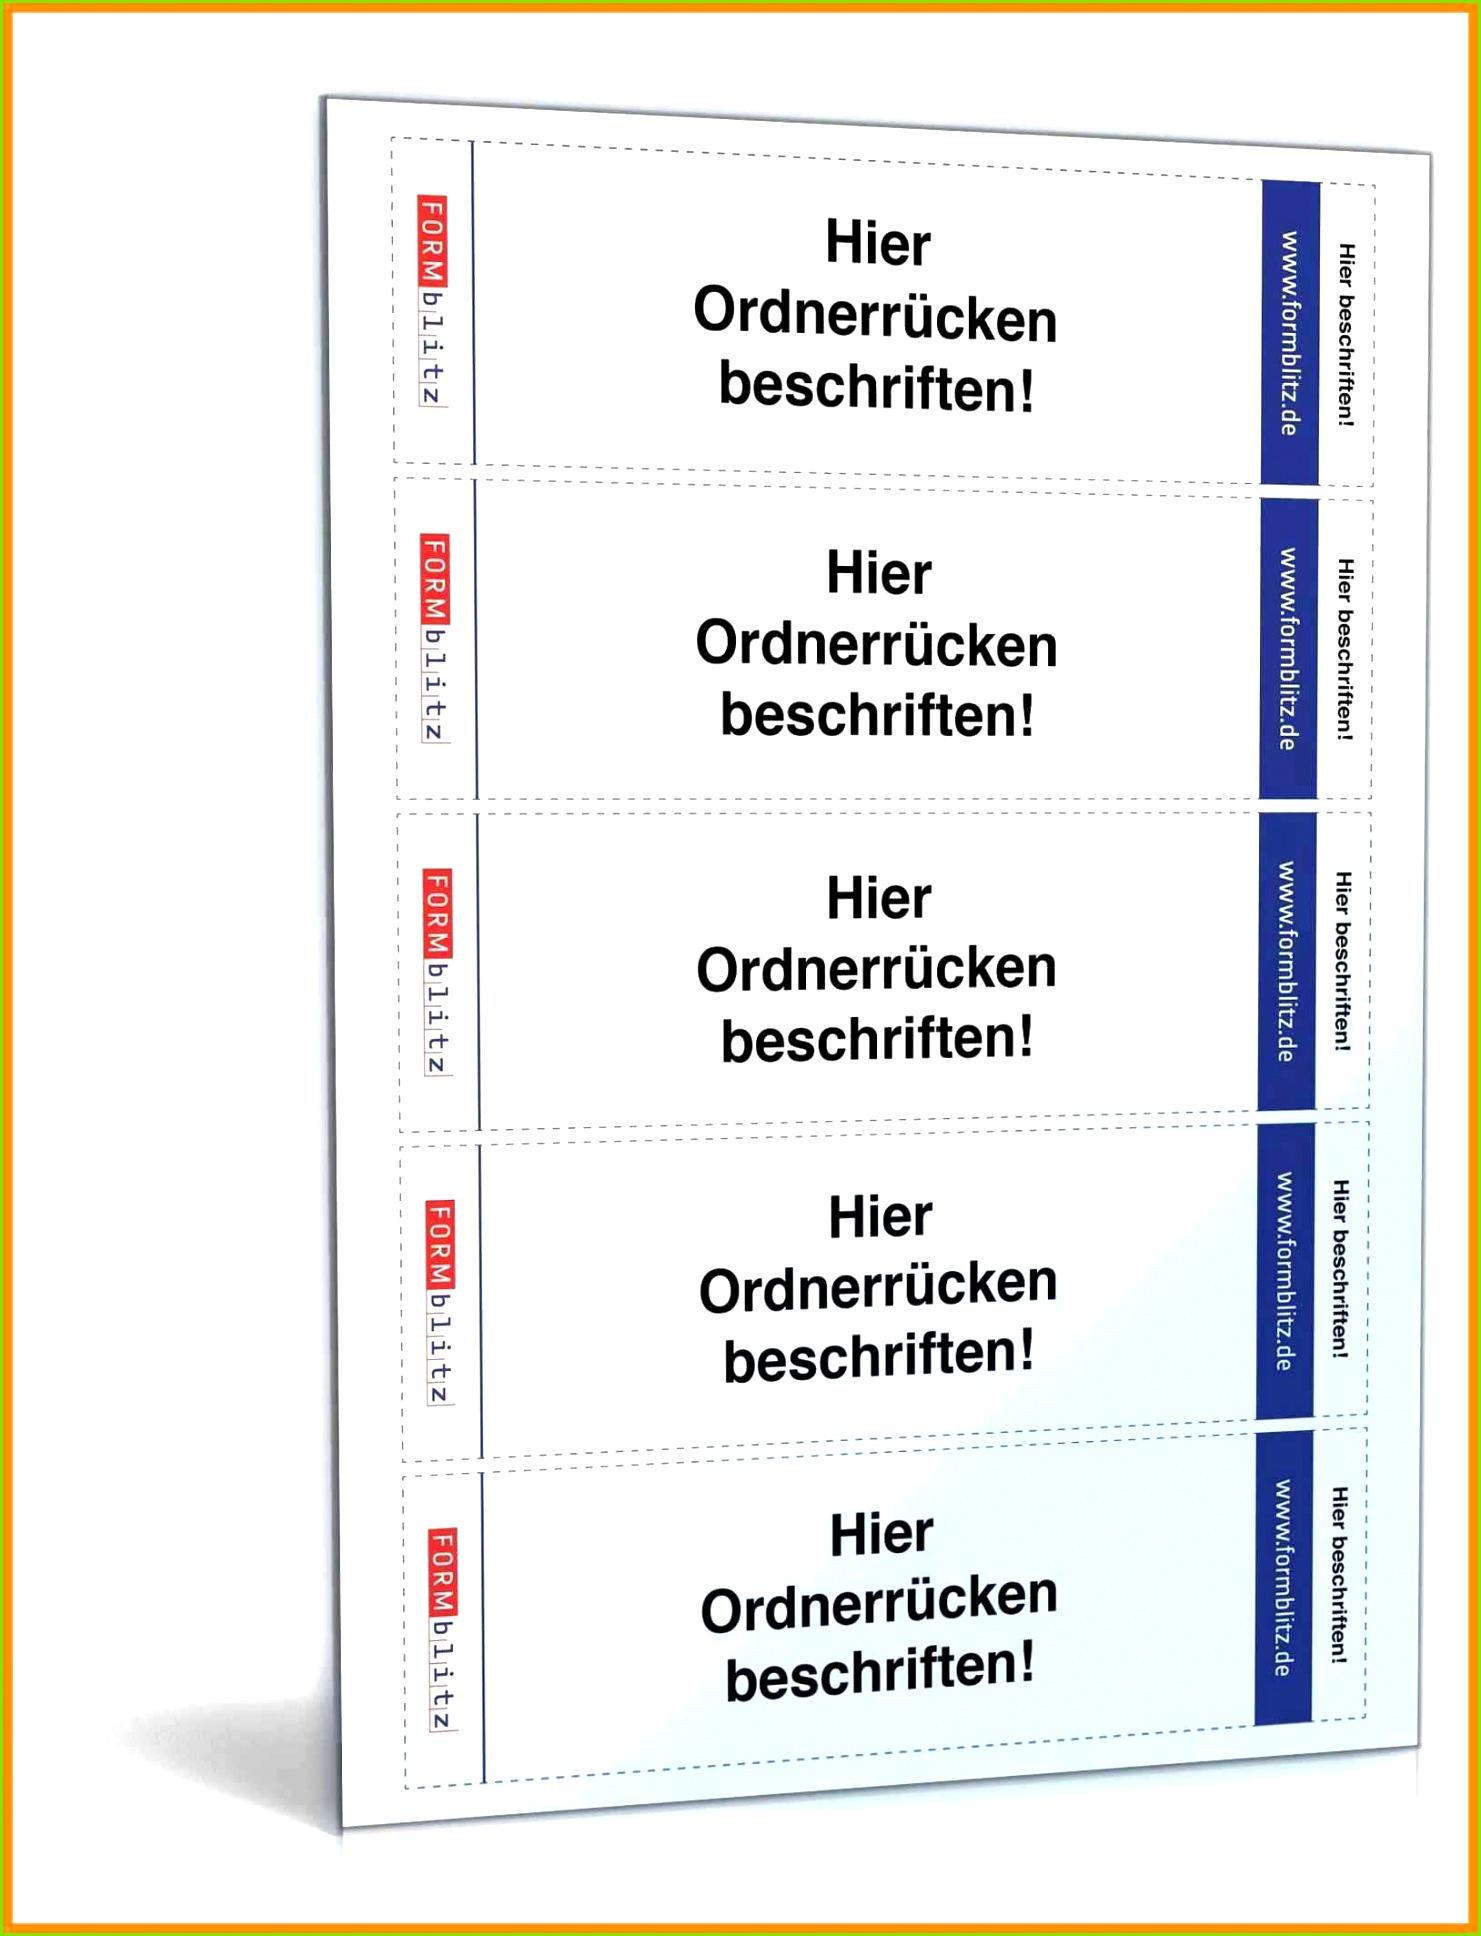 Vorlage ordnerrücken Breit Die Besten Besten Der ordner Beschriften Vorlage 24 Frisch Vorlage ordnerrücken Breit